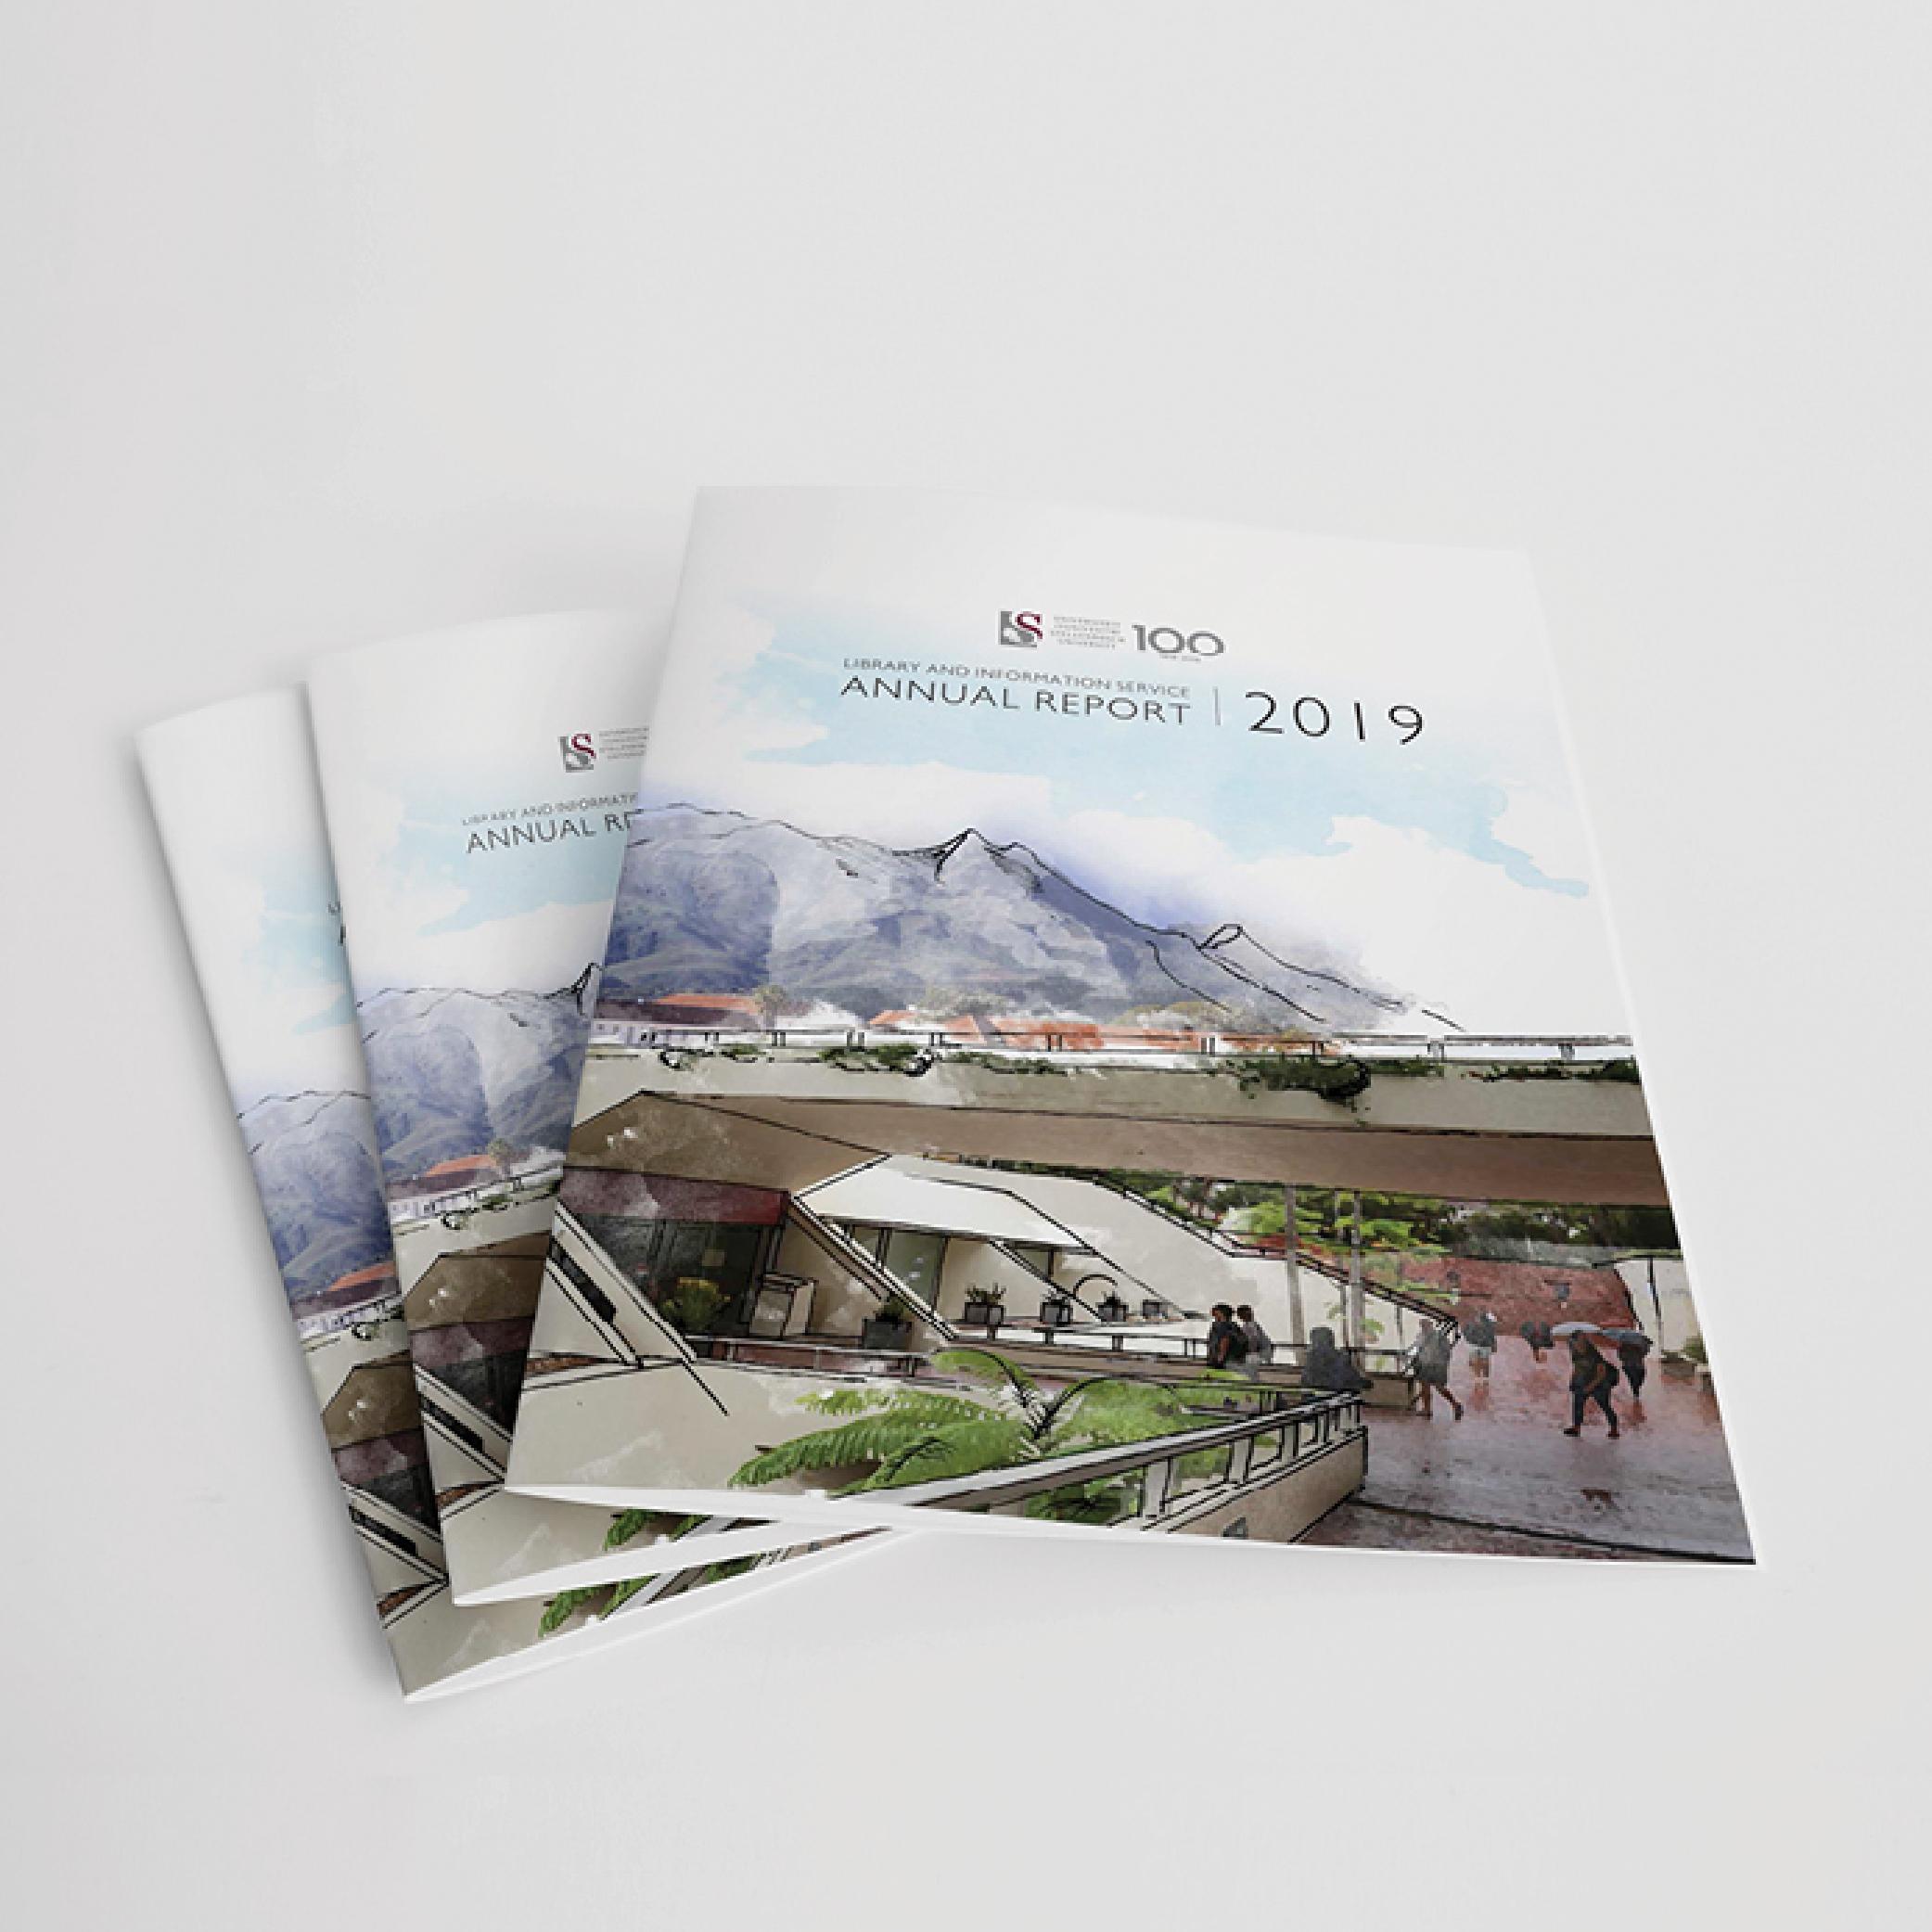 graphic design for annual report